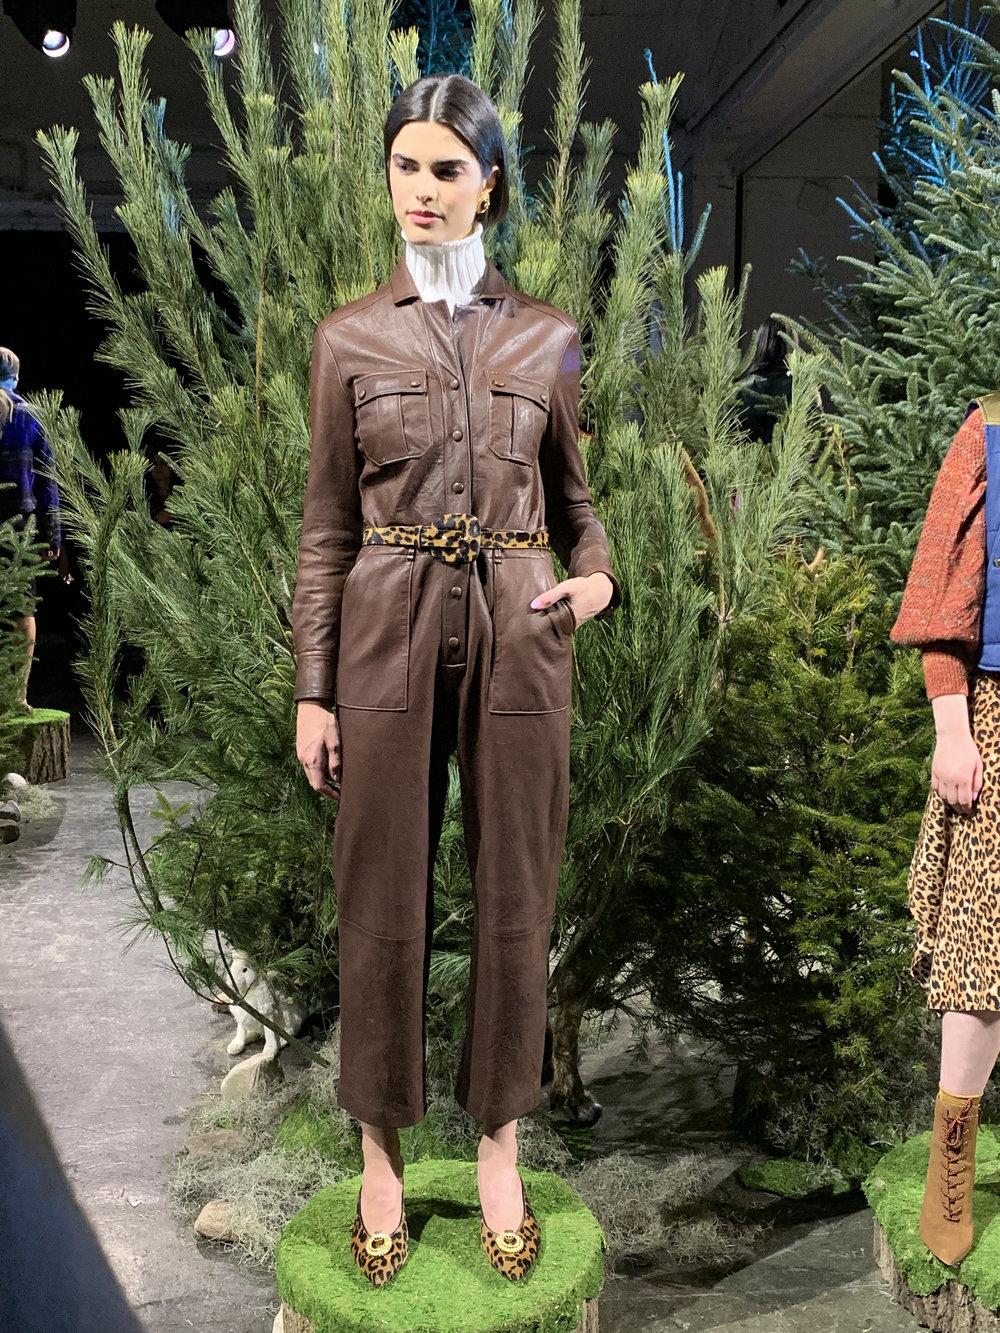 Model is wearing: Off-White NELLIE Turtleneck, Brown ARTEMIS Jumpsuit, Leopard ELSY Belt, Leopard TARTAN Mules